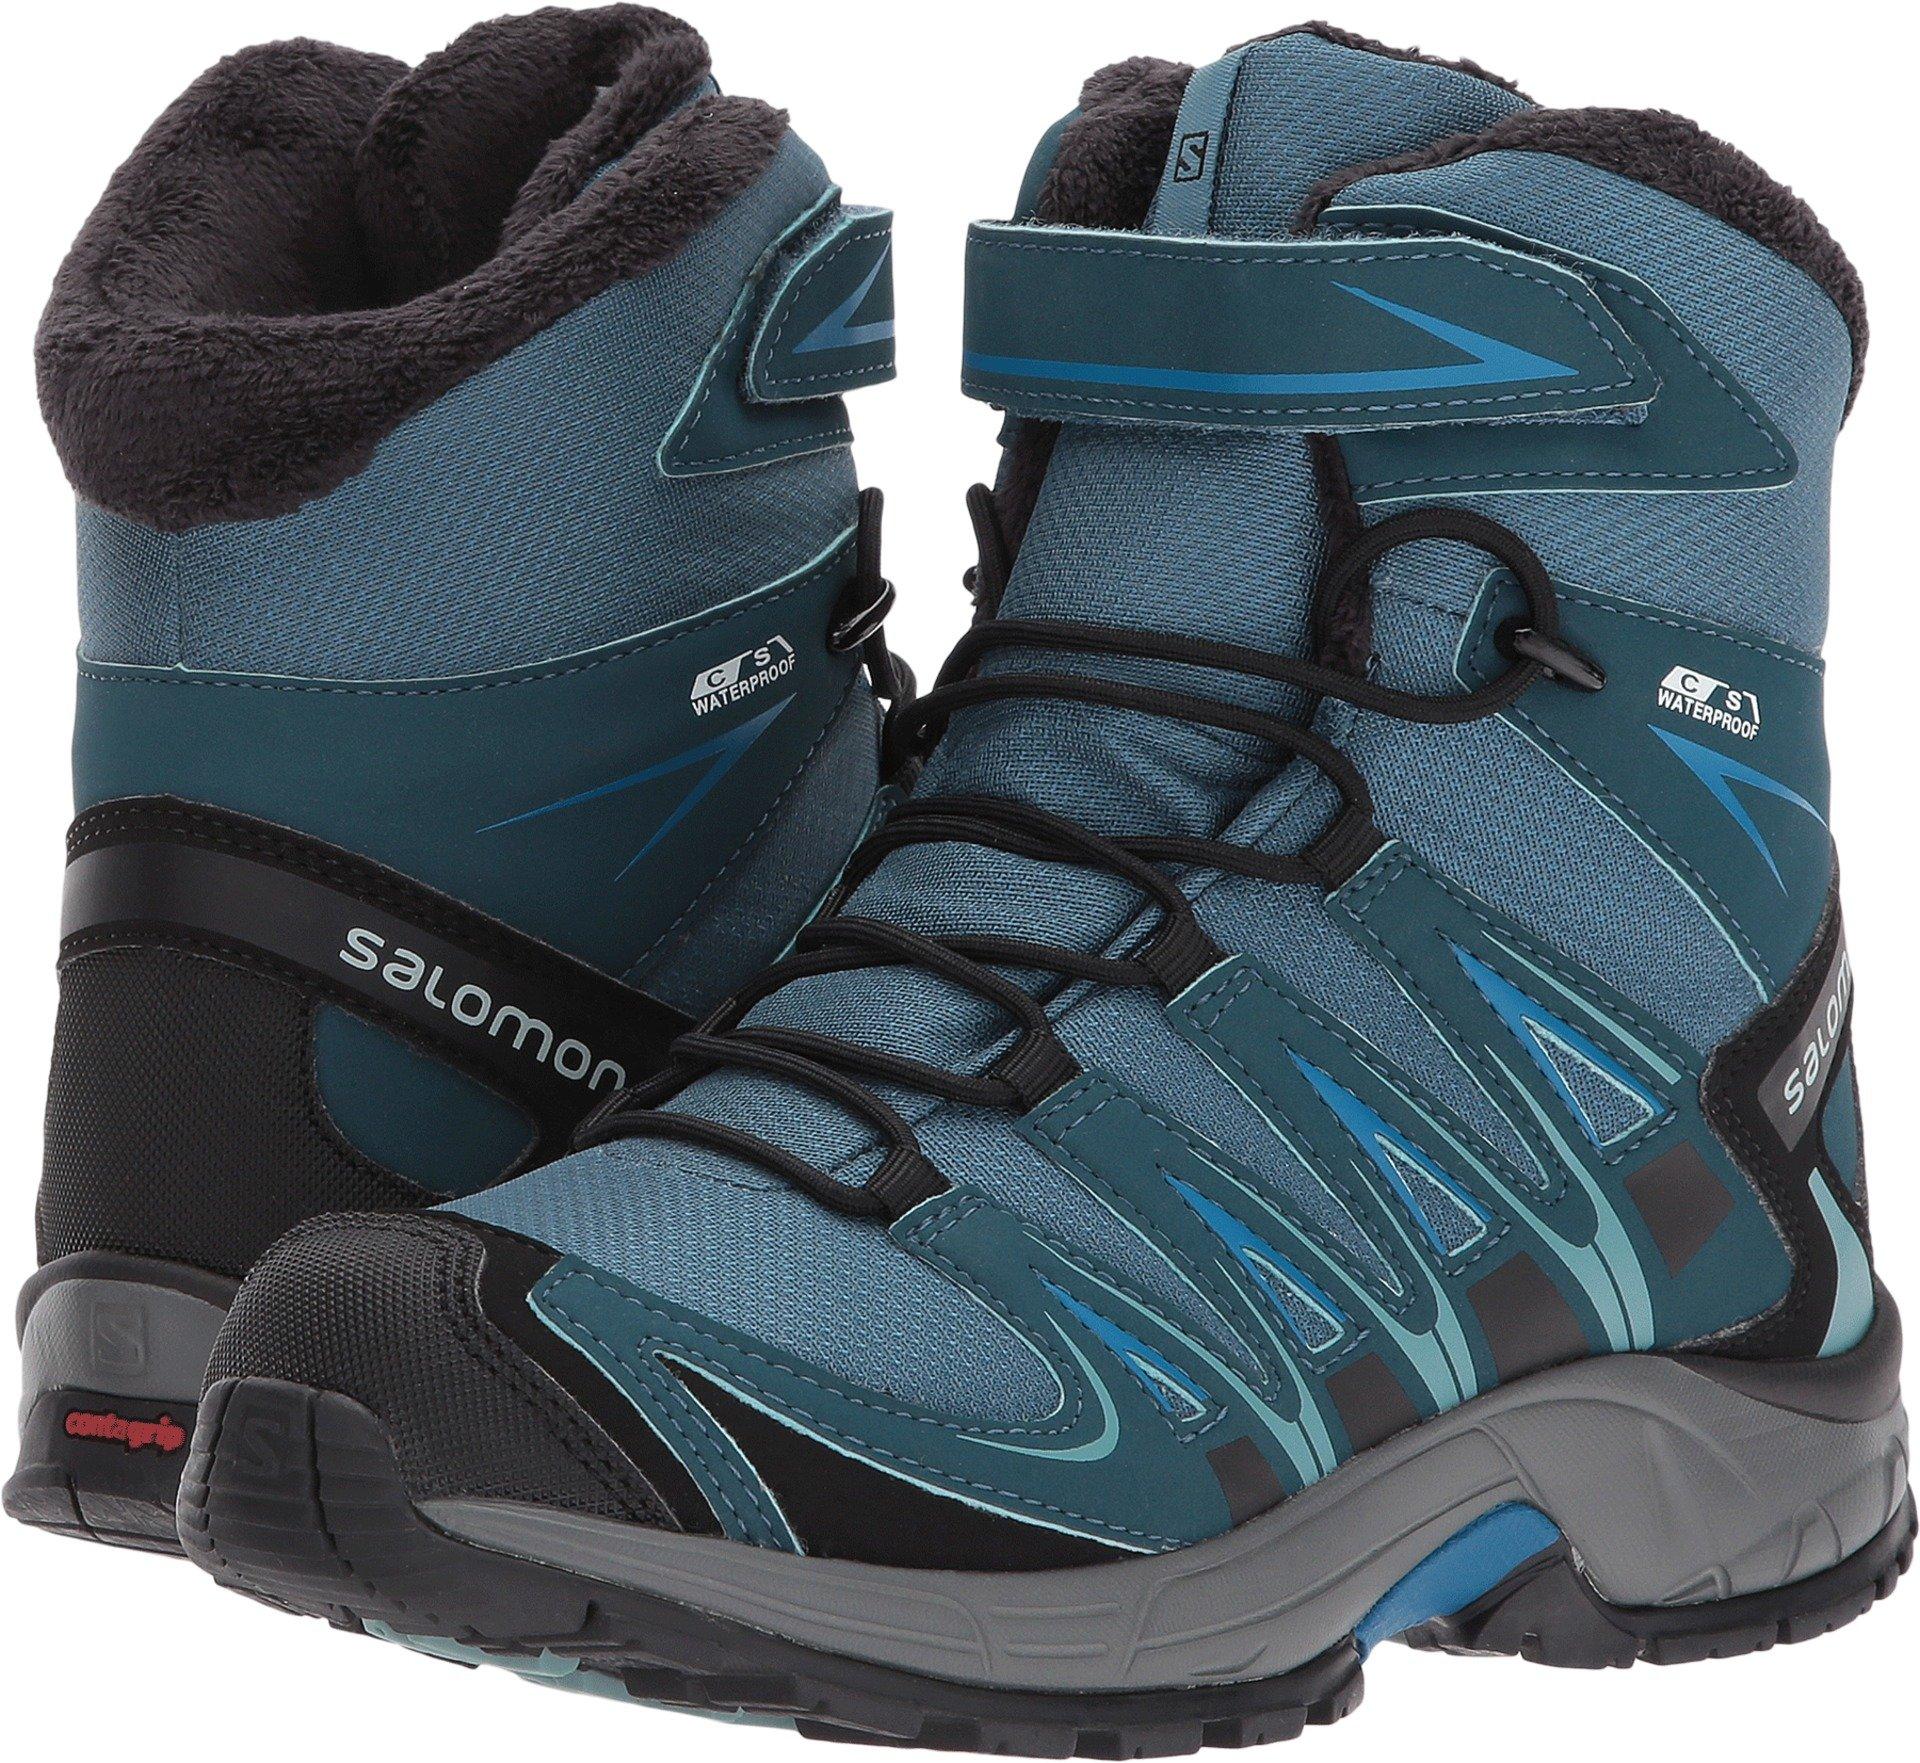 Salomon Kid's XA Pro 3D Winter TS CSWP Snow Boots, Blue, Textile, Faux Fur, Rubber, 5 Big Kid M by Salomon